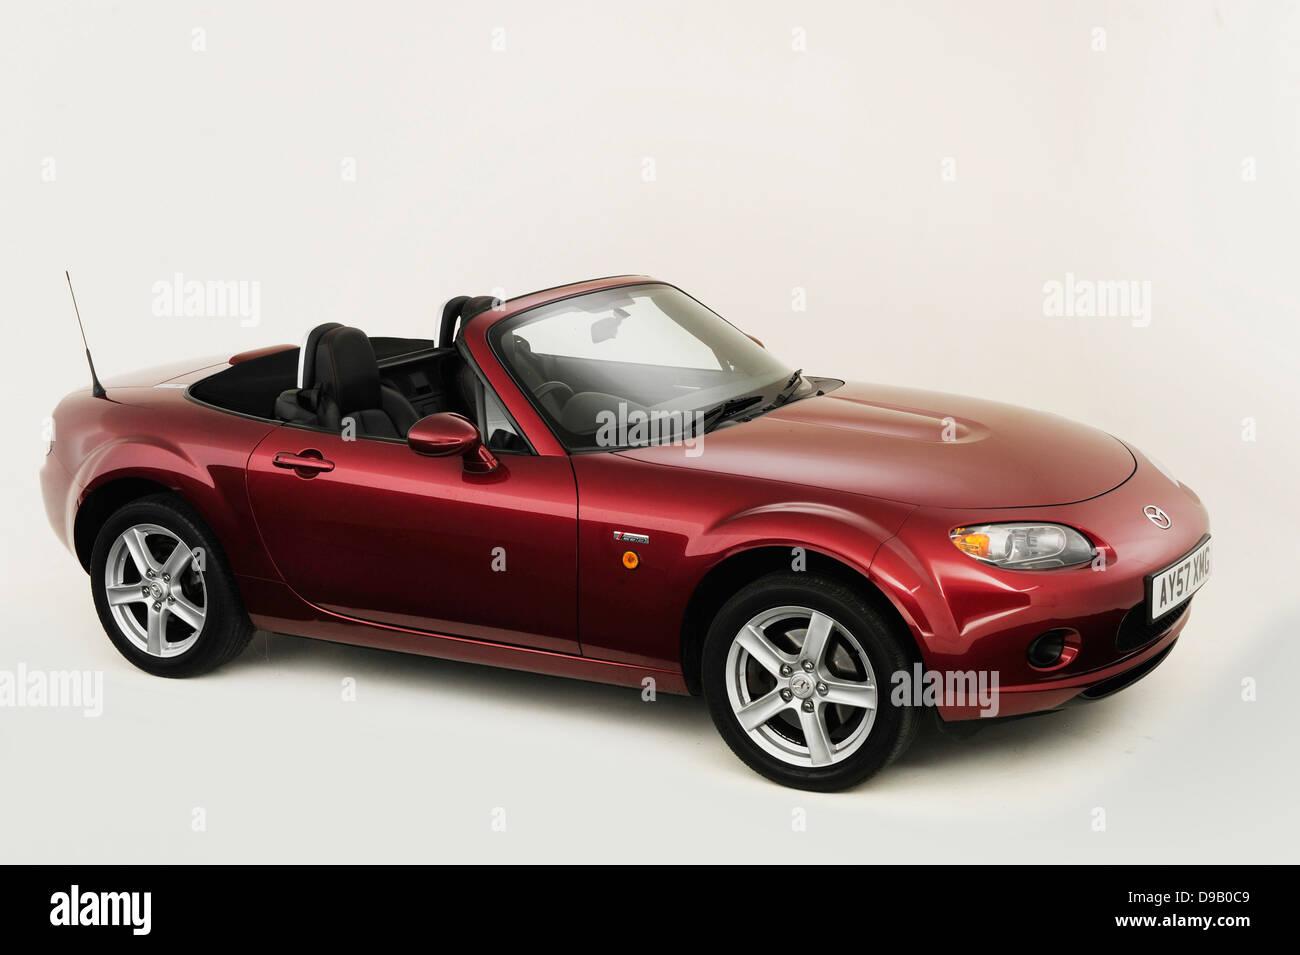 2007 Mazda MX5 Stock Photo